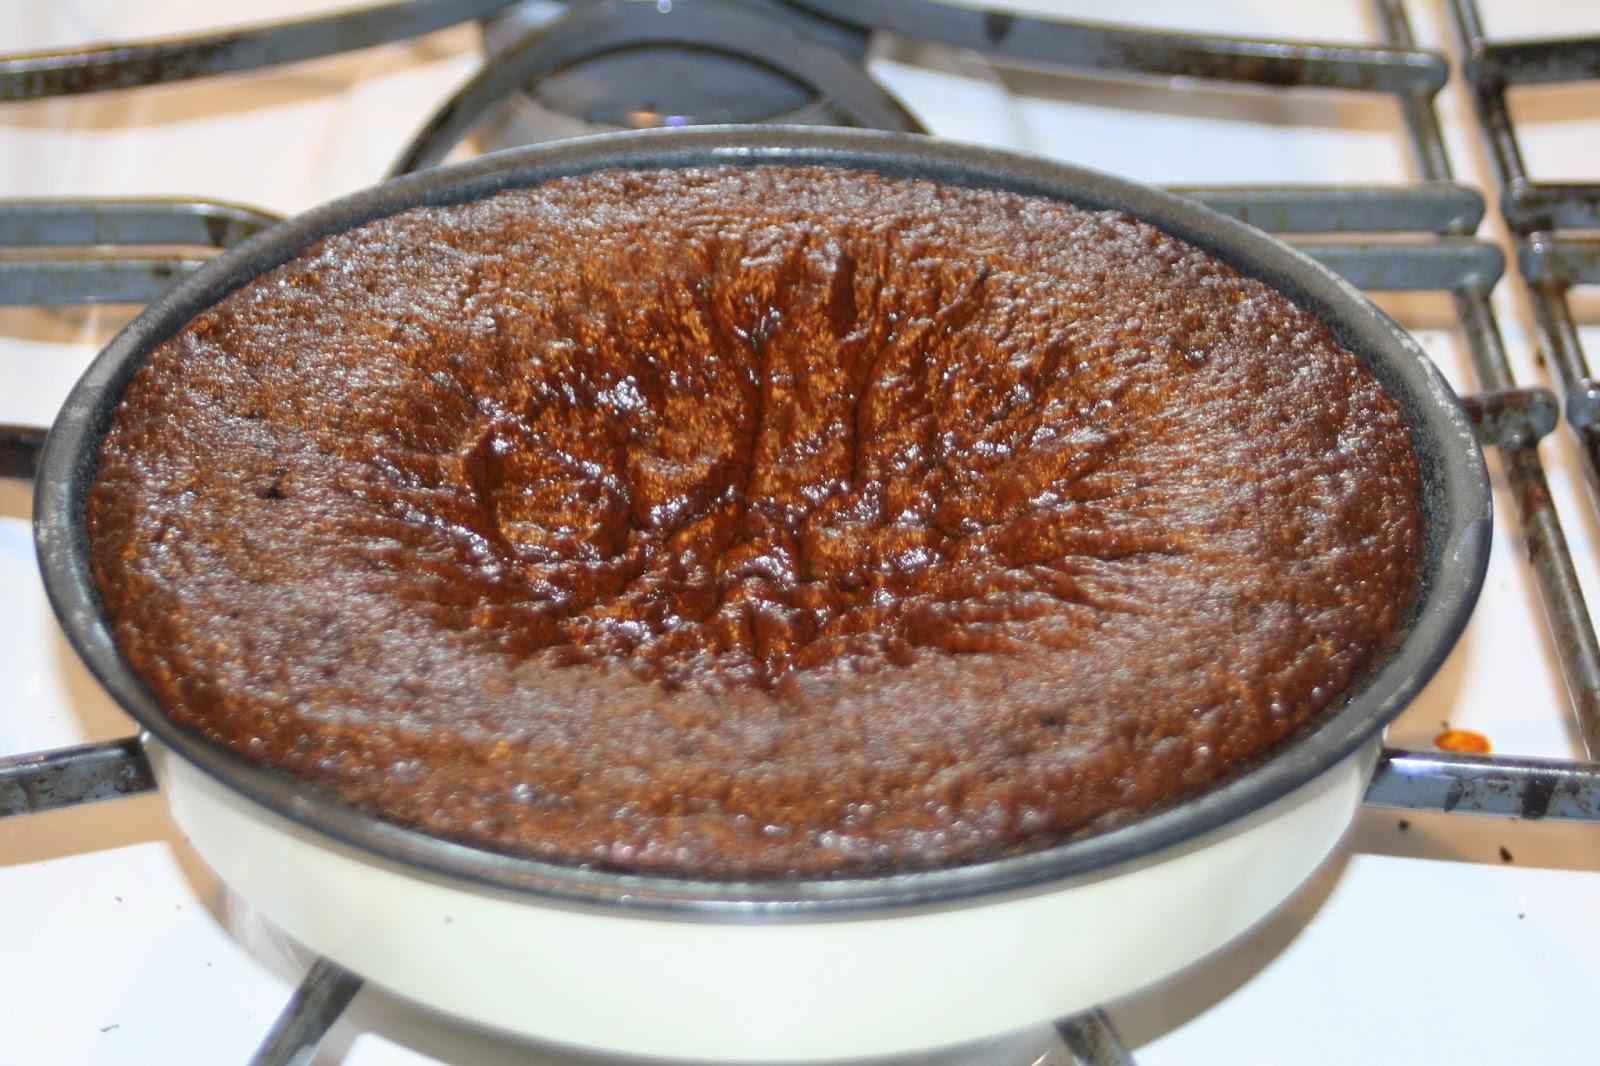 O bolo solou? O bolo murchou? O bolo queimou? Dez dicas básicas para fazer bolos perfeitos!